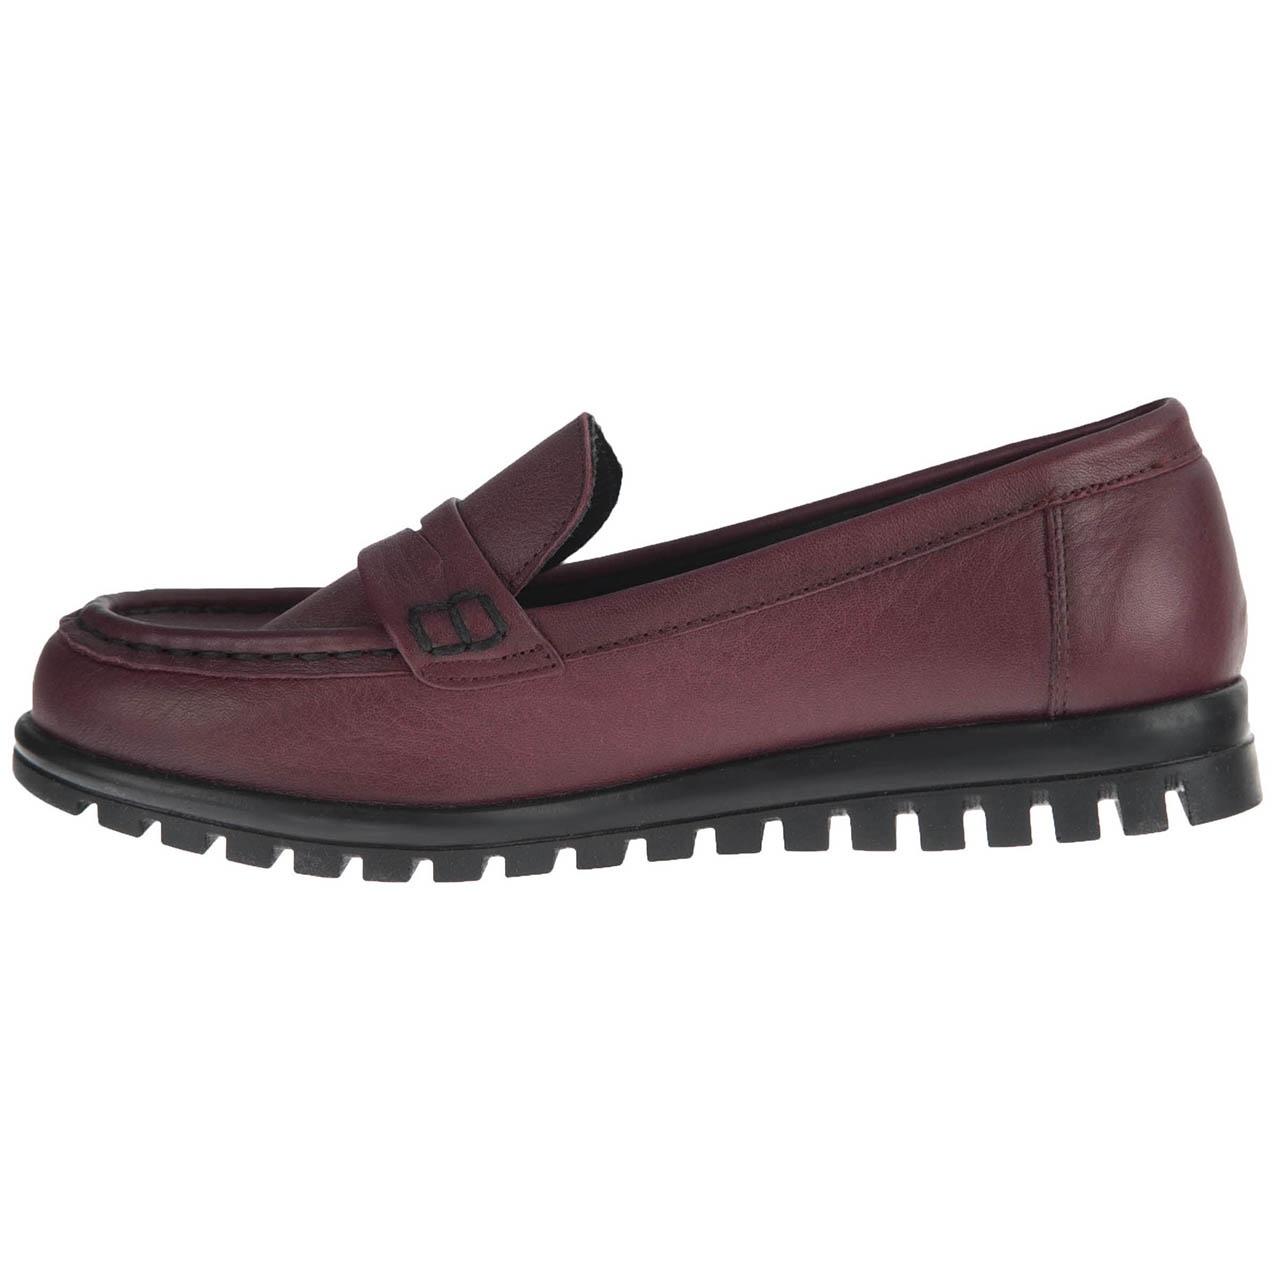 کفش راحتی زنانه دریچی مدل 4897